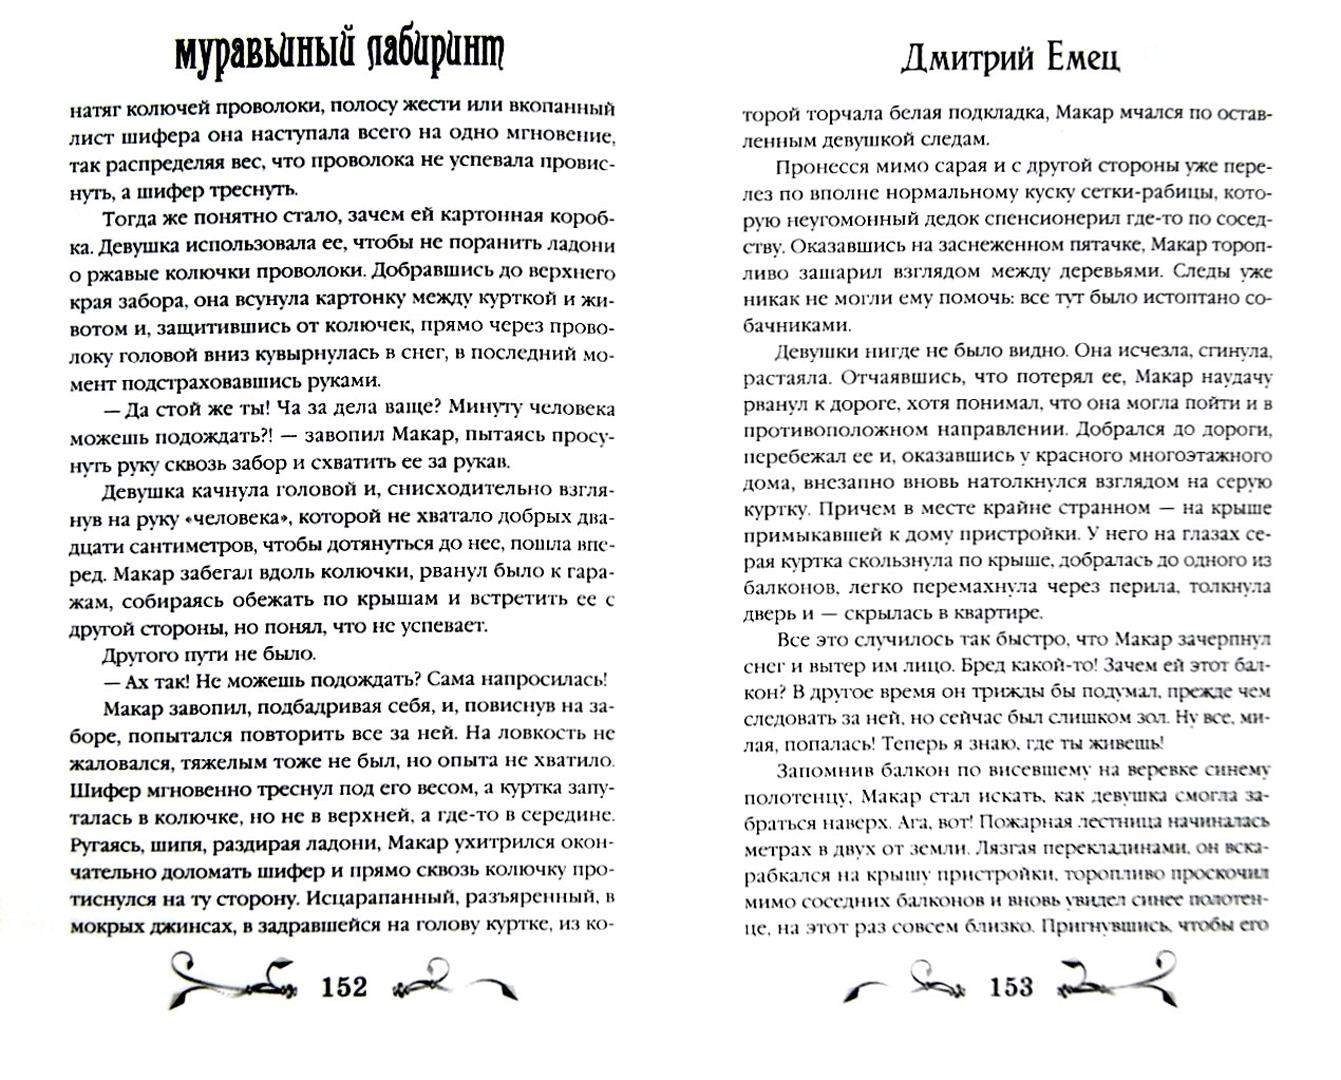 Иллюстрация 1 из 14 для Муравьиный лабиринт - Дмитрий Емец   Лабиринт - книги. Источник: Лабиринт